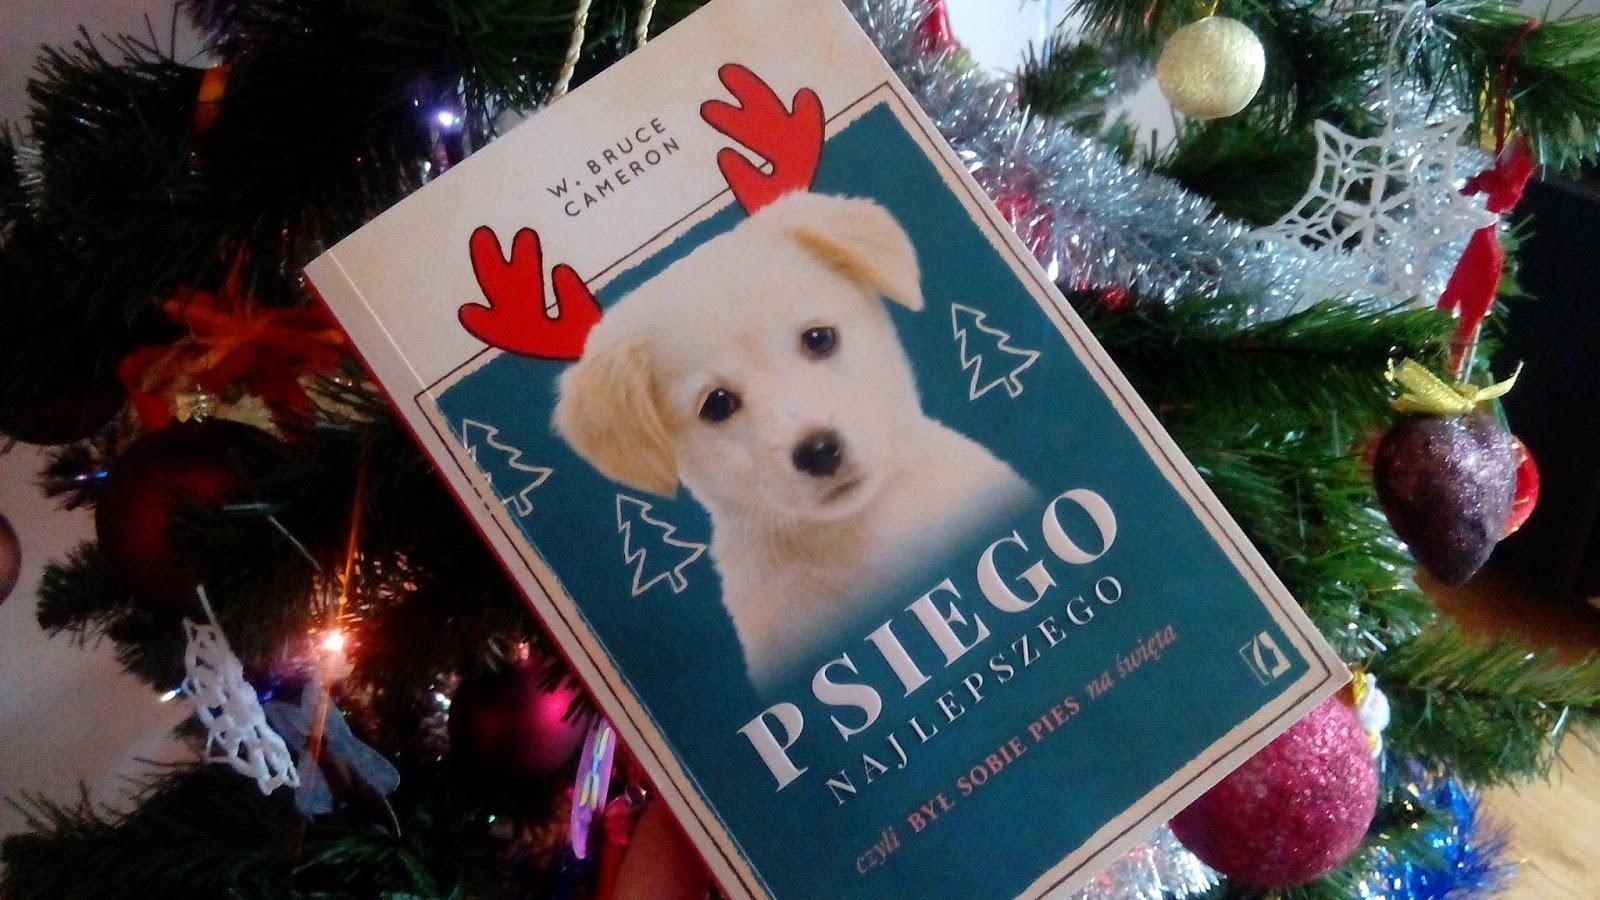 https://www.mamadoszescianu.pl/2017/12/psiego-najlepszego-by-sobie-pies-na.html